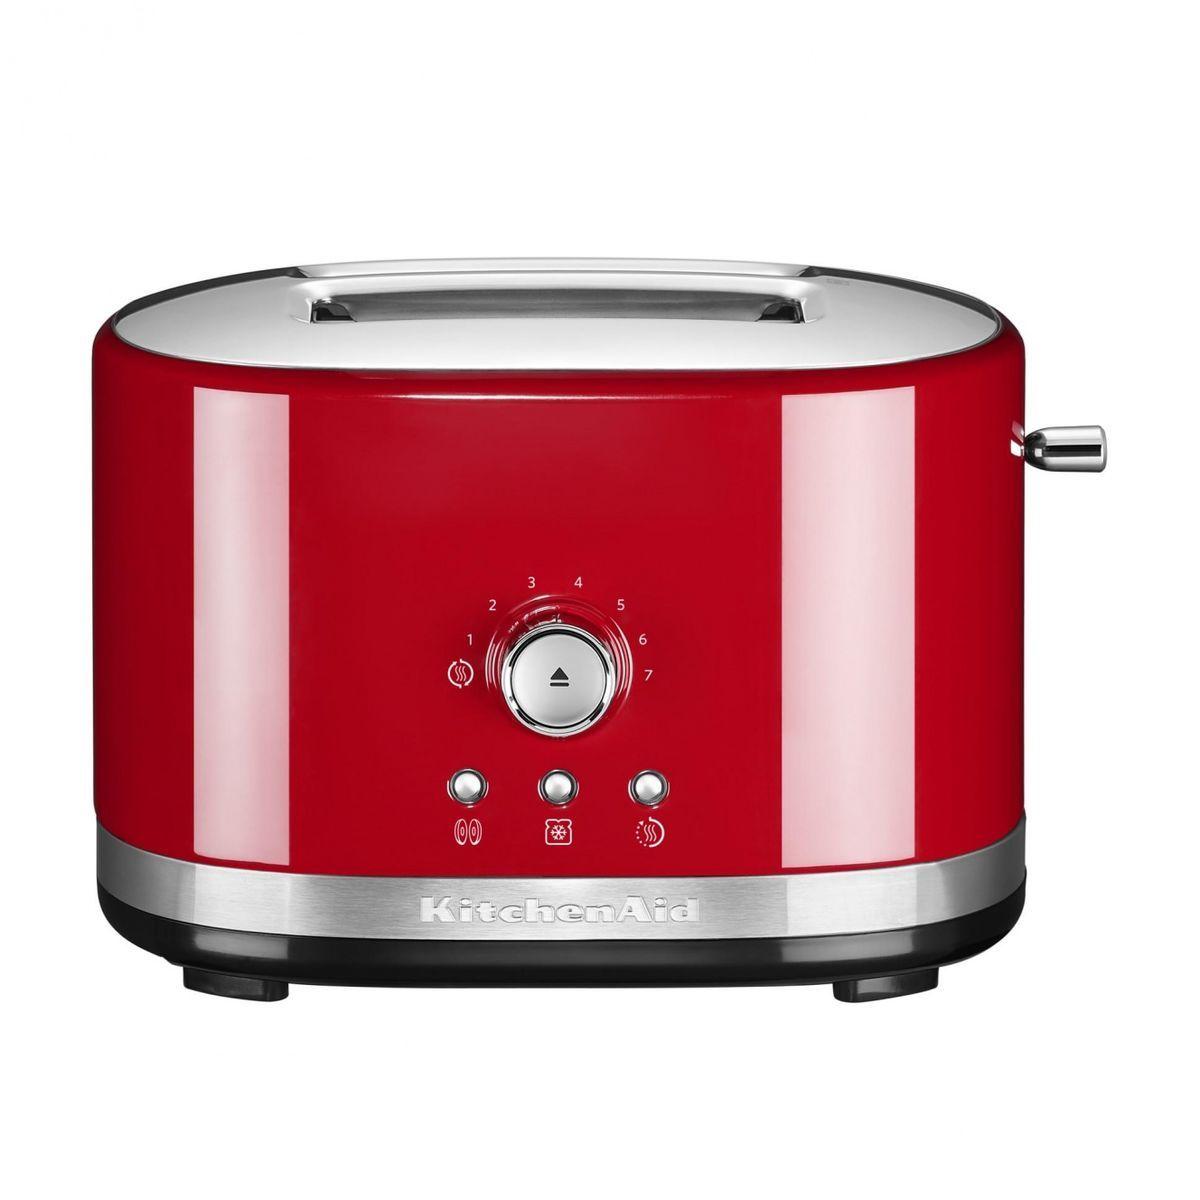 kitchenaid 5kmt2116 toaster 2 slices kitchenaid. Black Bedroom Furniture Sets. Home Design Ideas